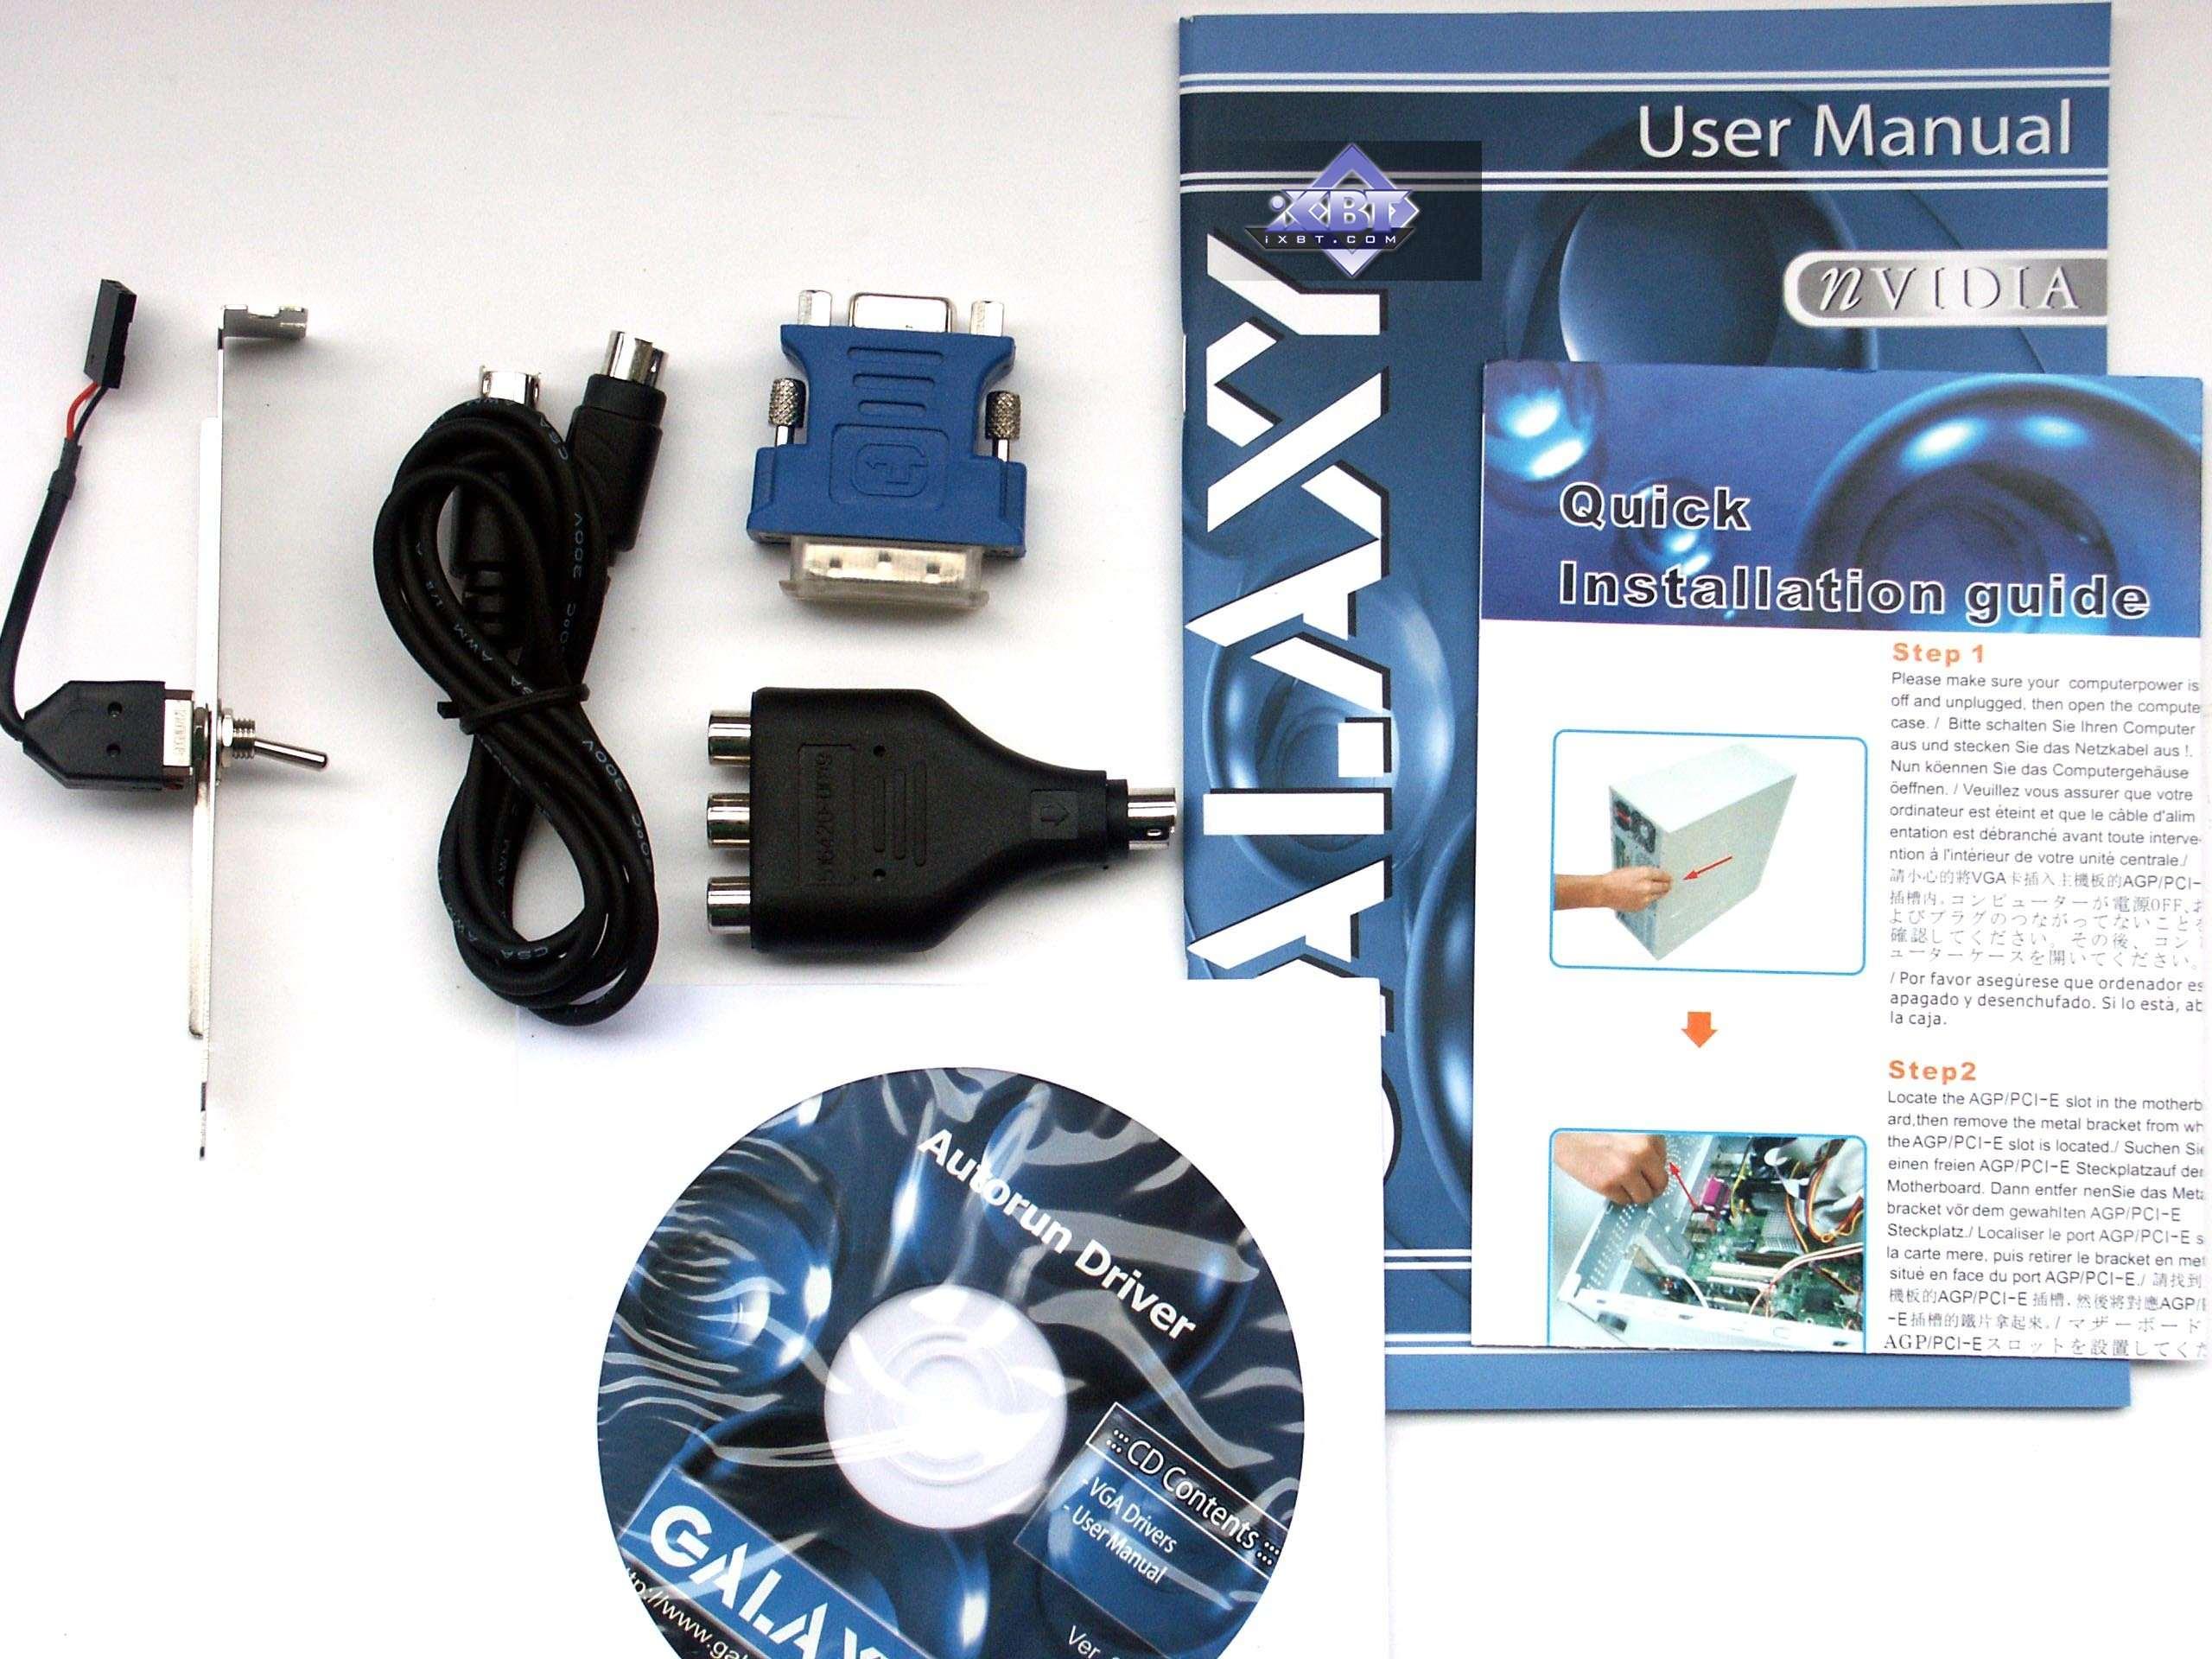 Драйвера Для Видеокарты Nvidia 7600 Gs